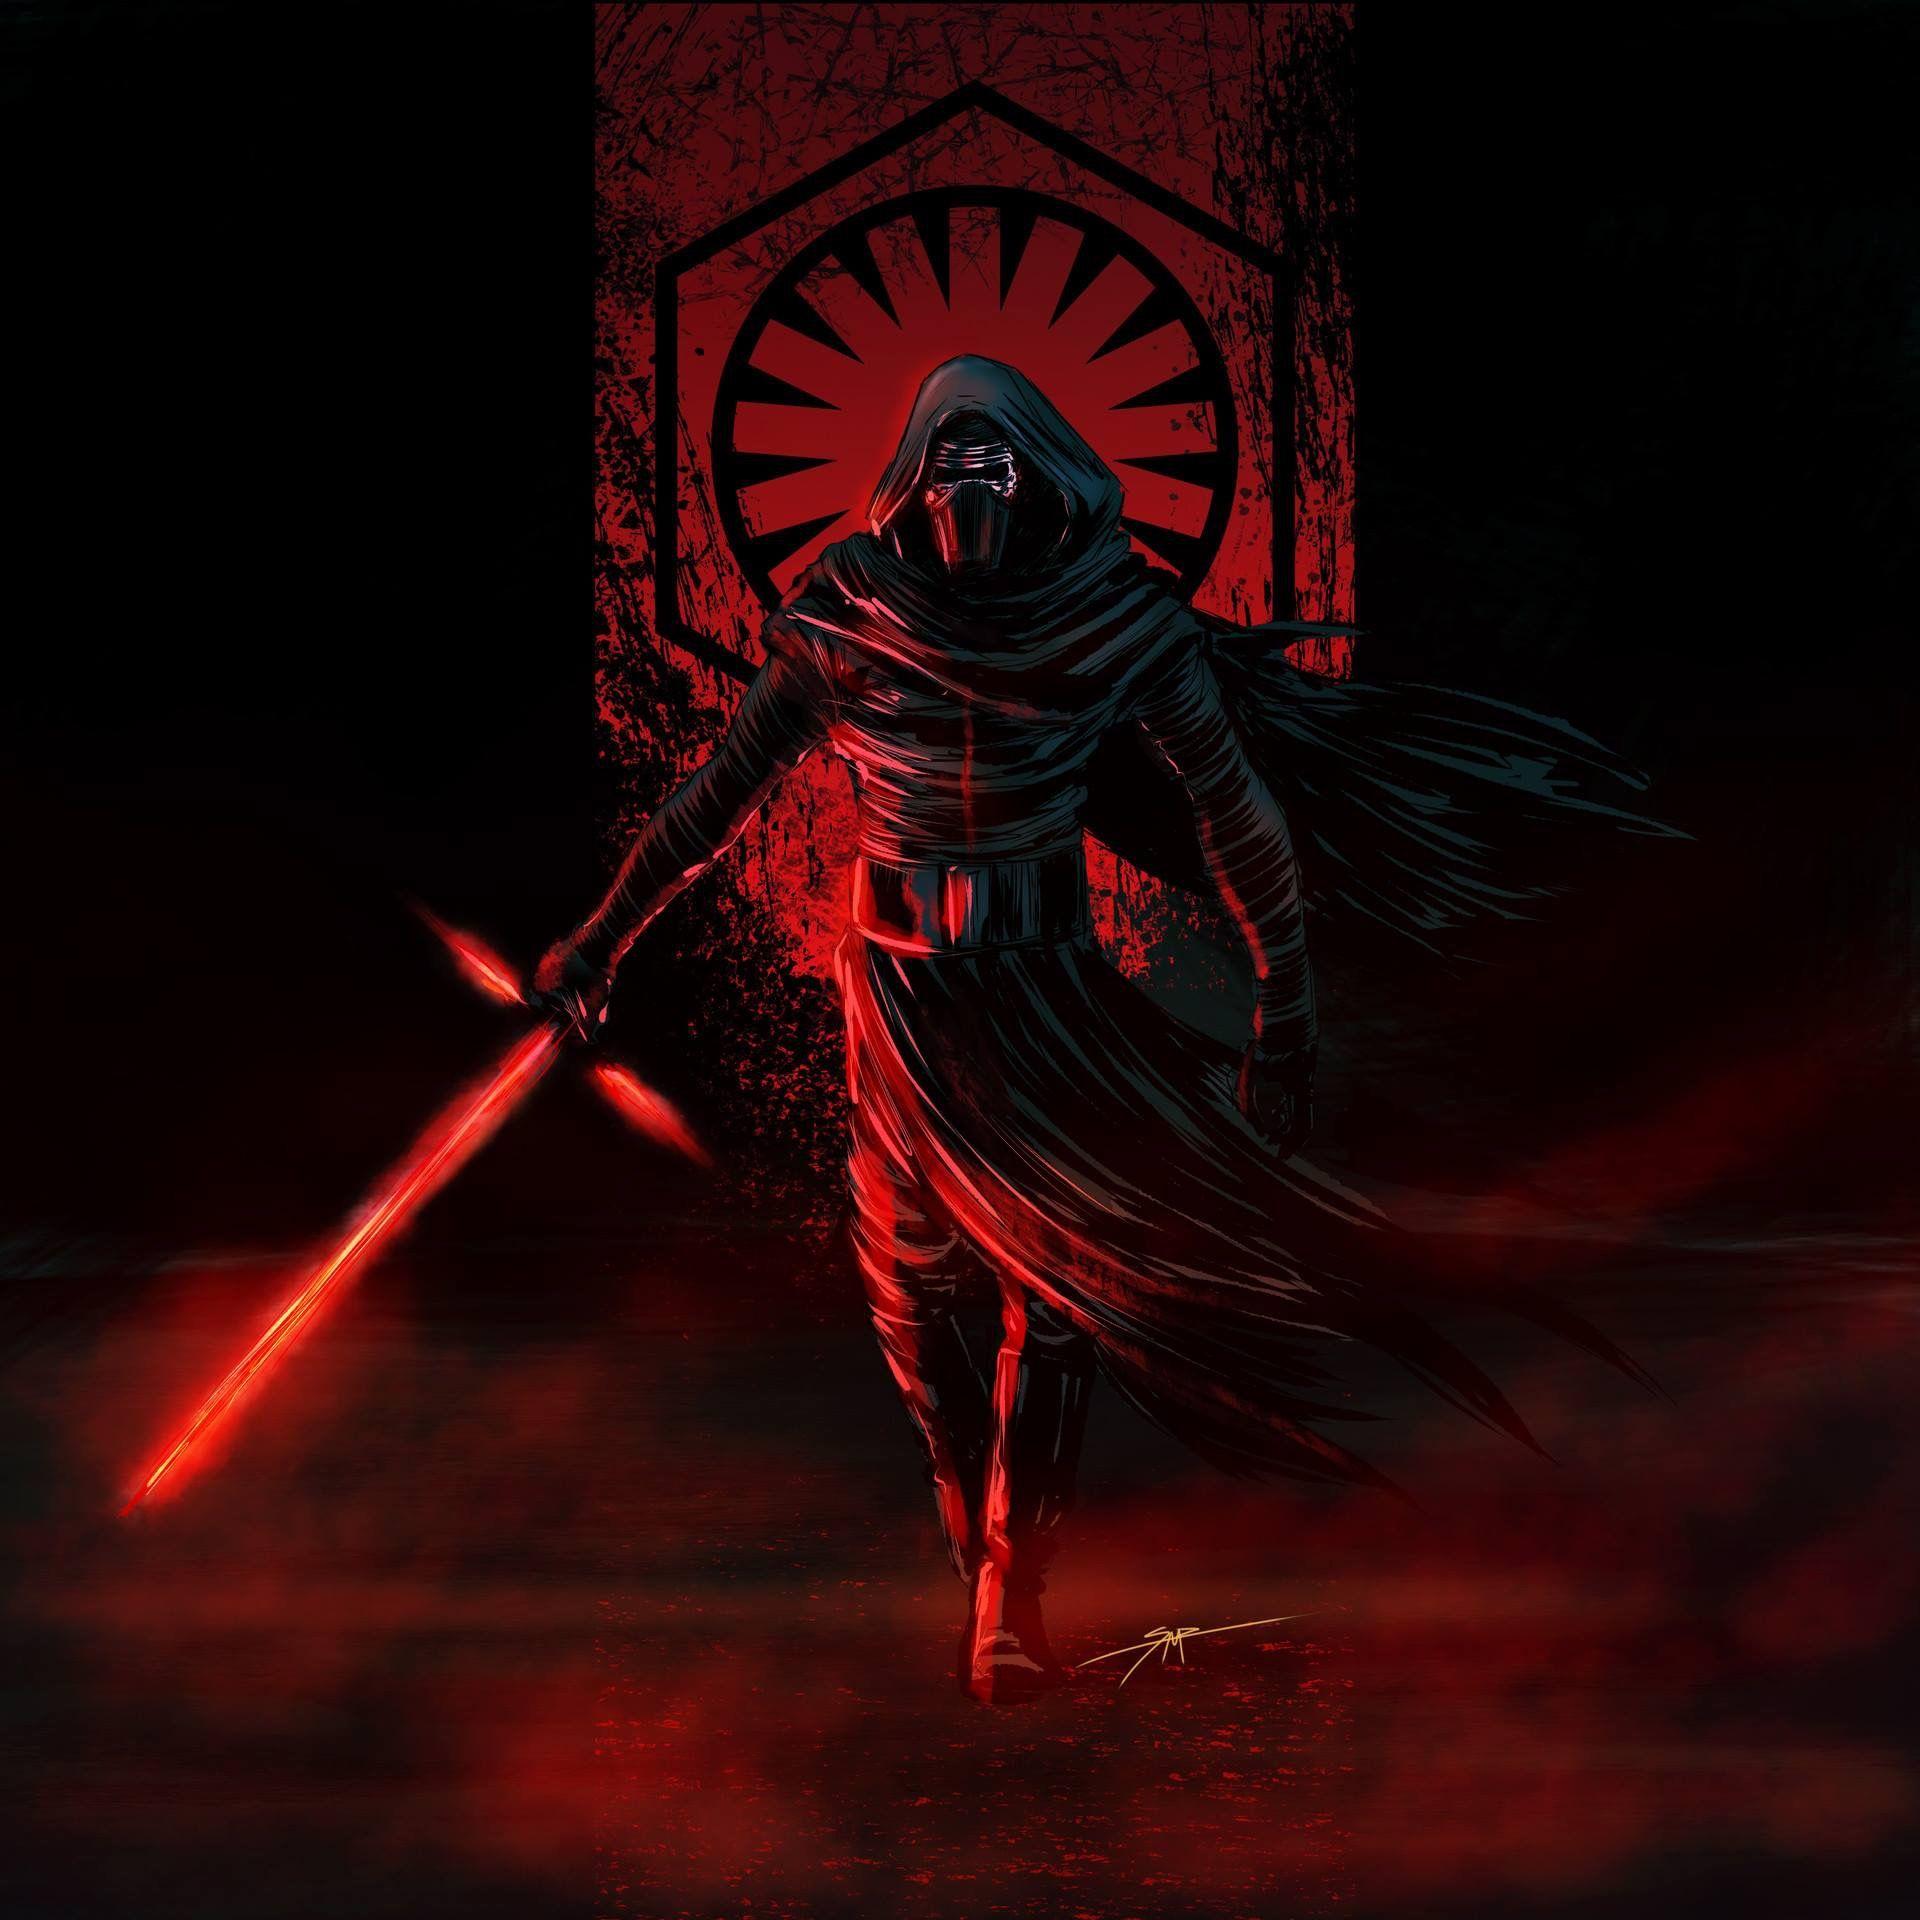 Pin By Tony Suarez Sanchez On Star Wars Star Wars Background Star Wars Art Star Wars Artwork